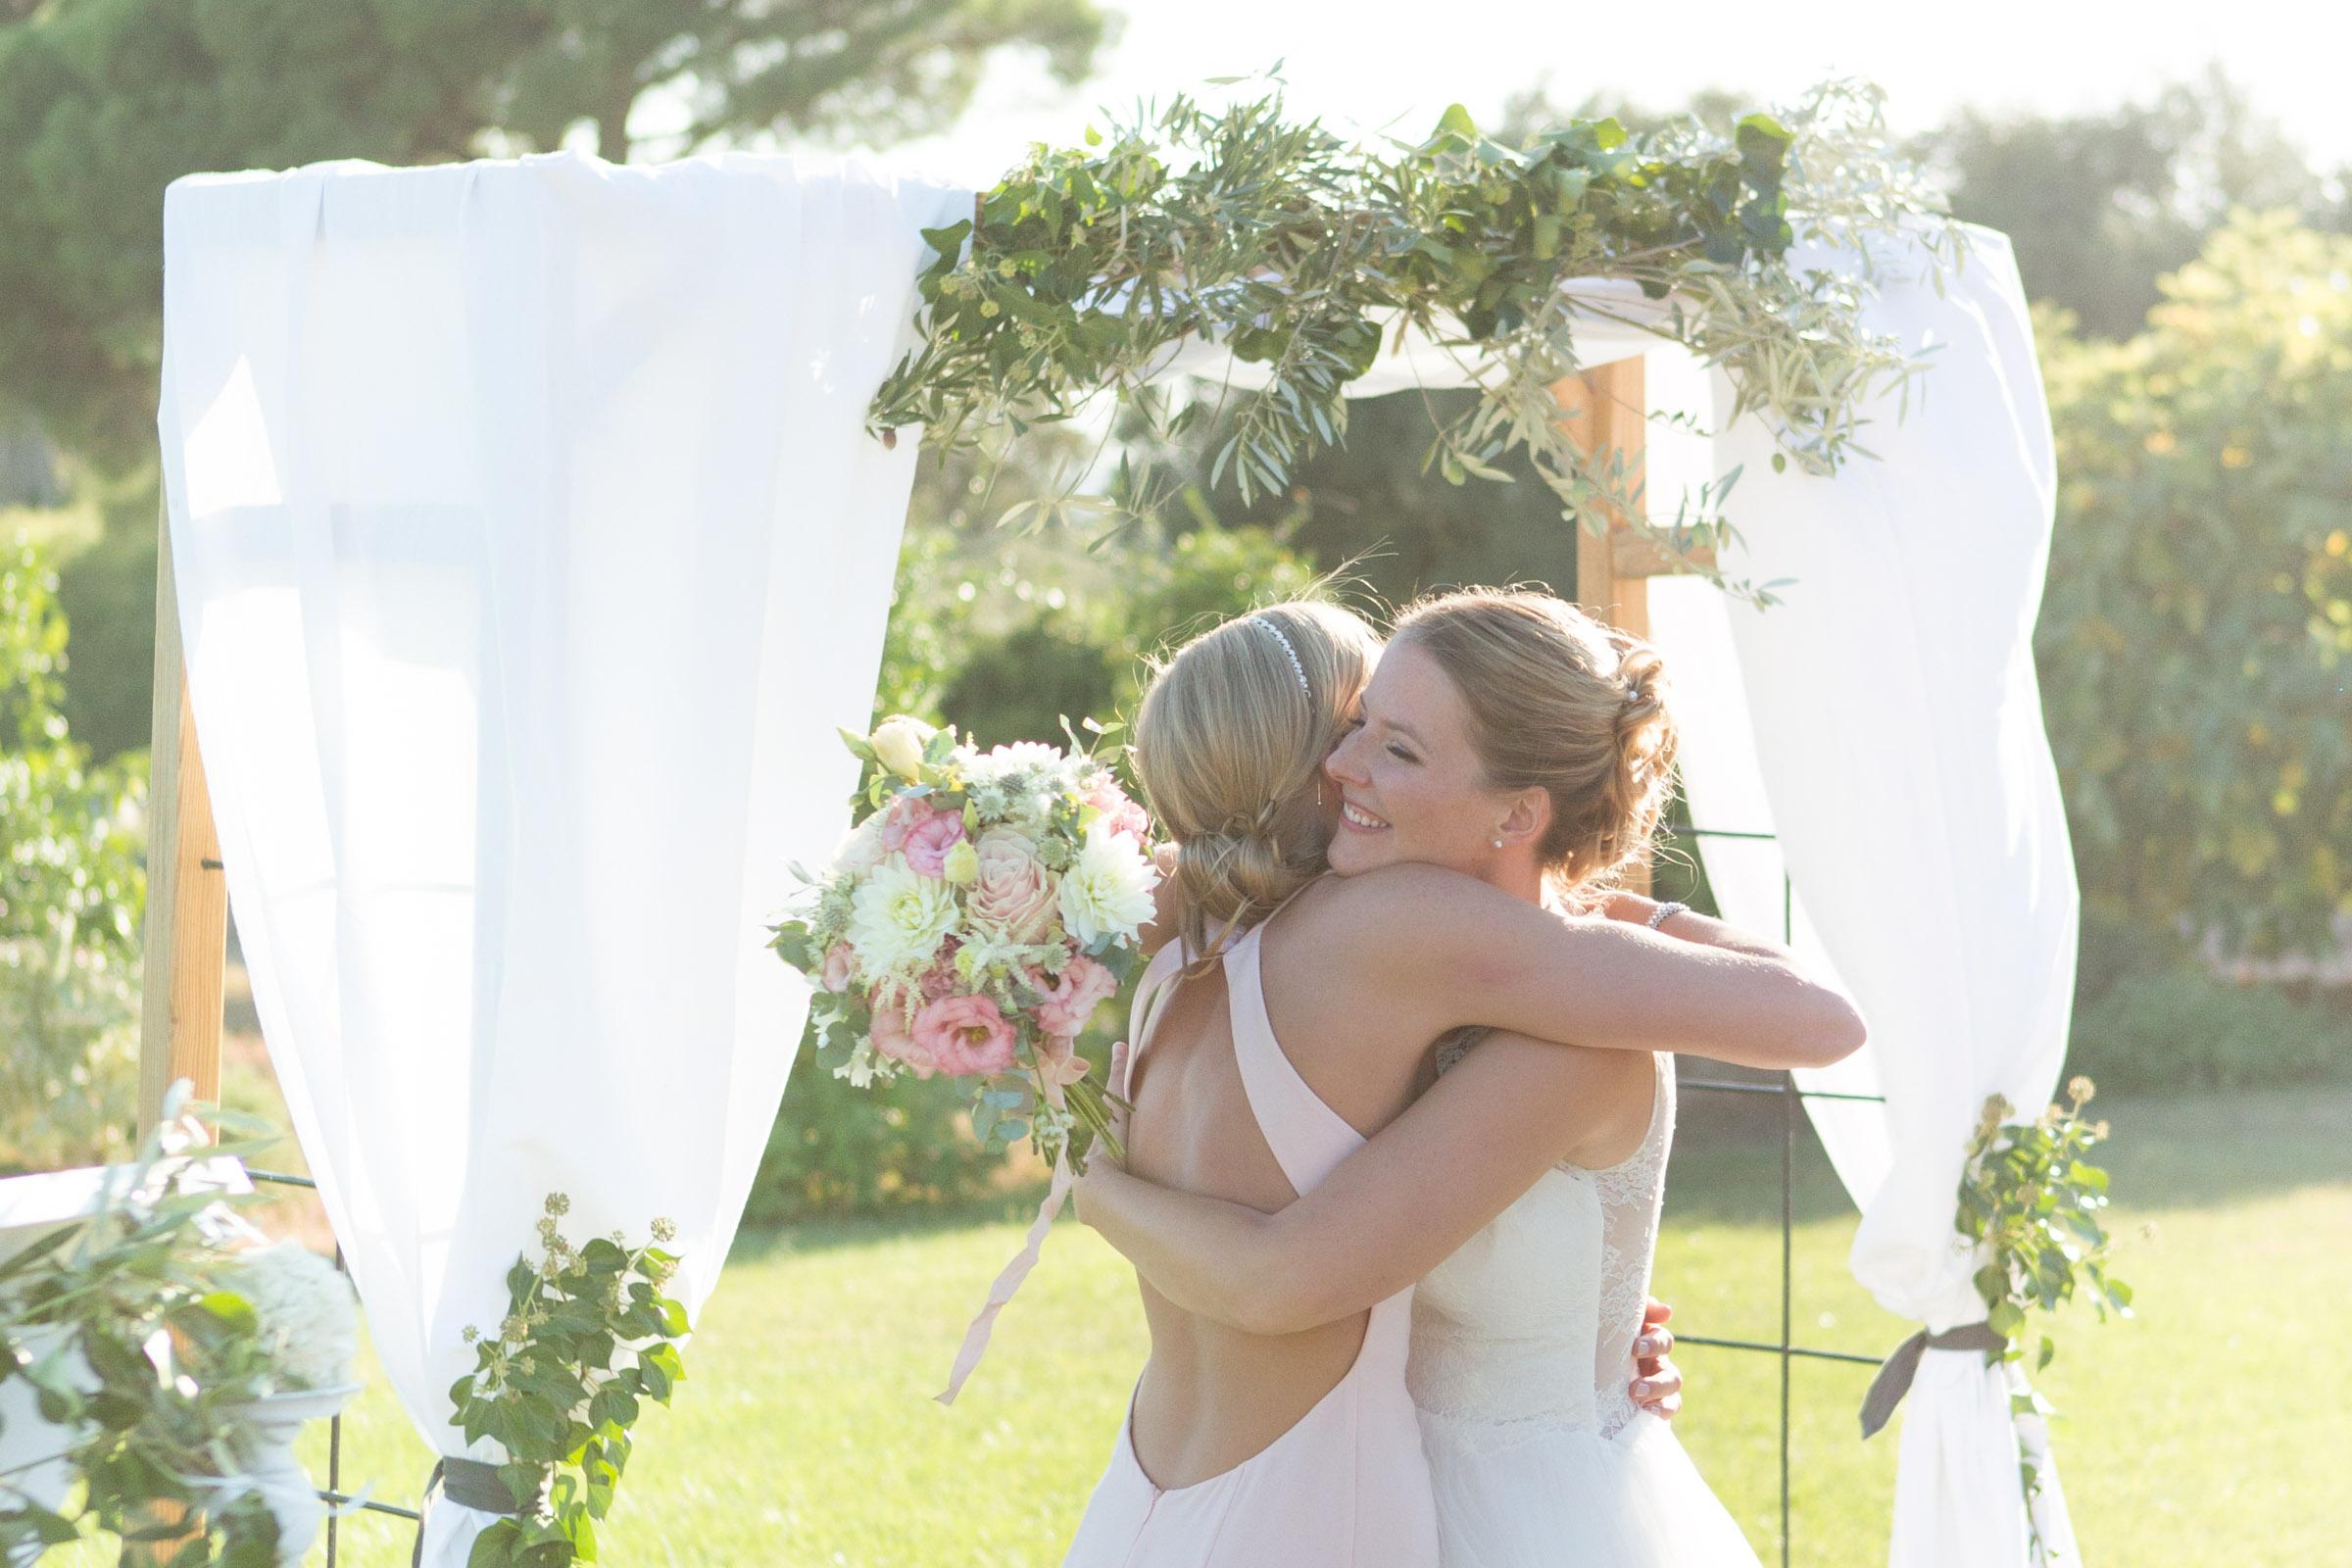 photographe+mariage+chateau+du+galoupet+ceremonie+laïque+la+londe